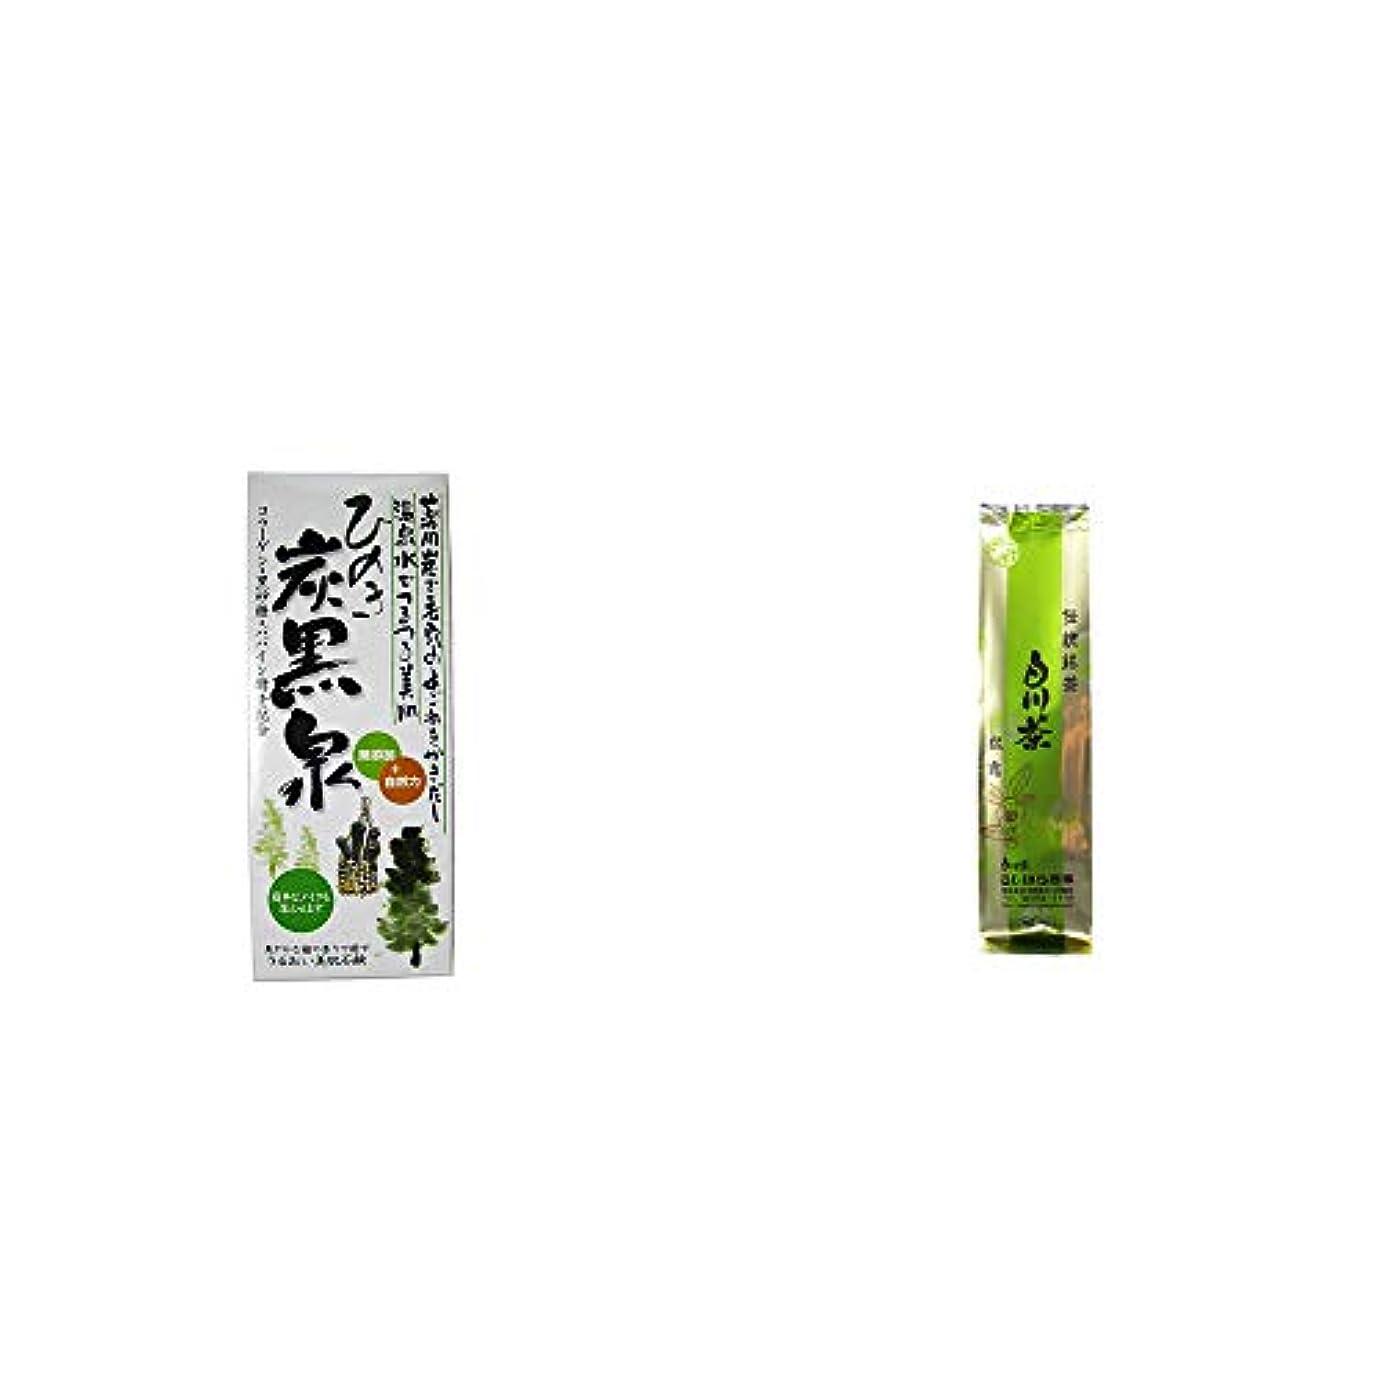 雄弁方向樹皮[2点セット] ひのき炭黒泉 箱入り(75g×3)?白川茶 伝統銘茶【松露】(180g)